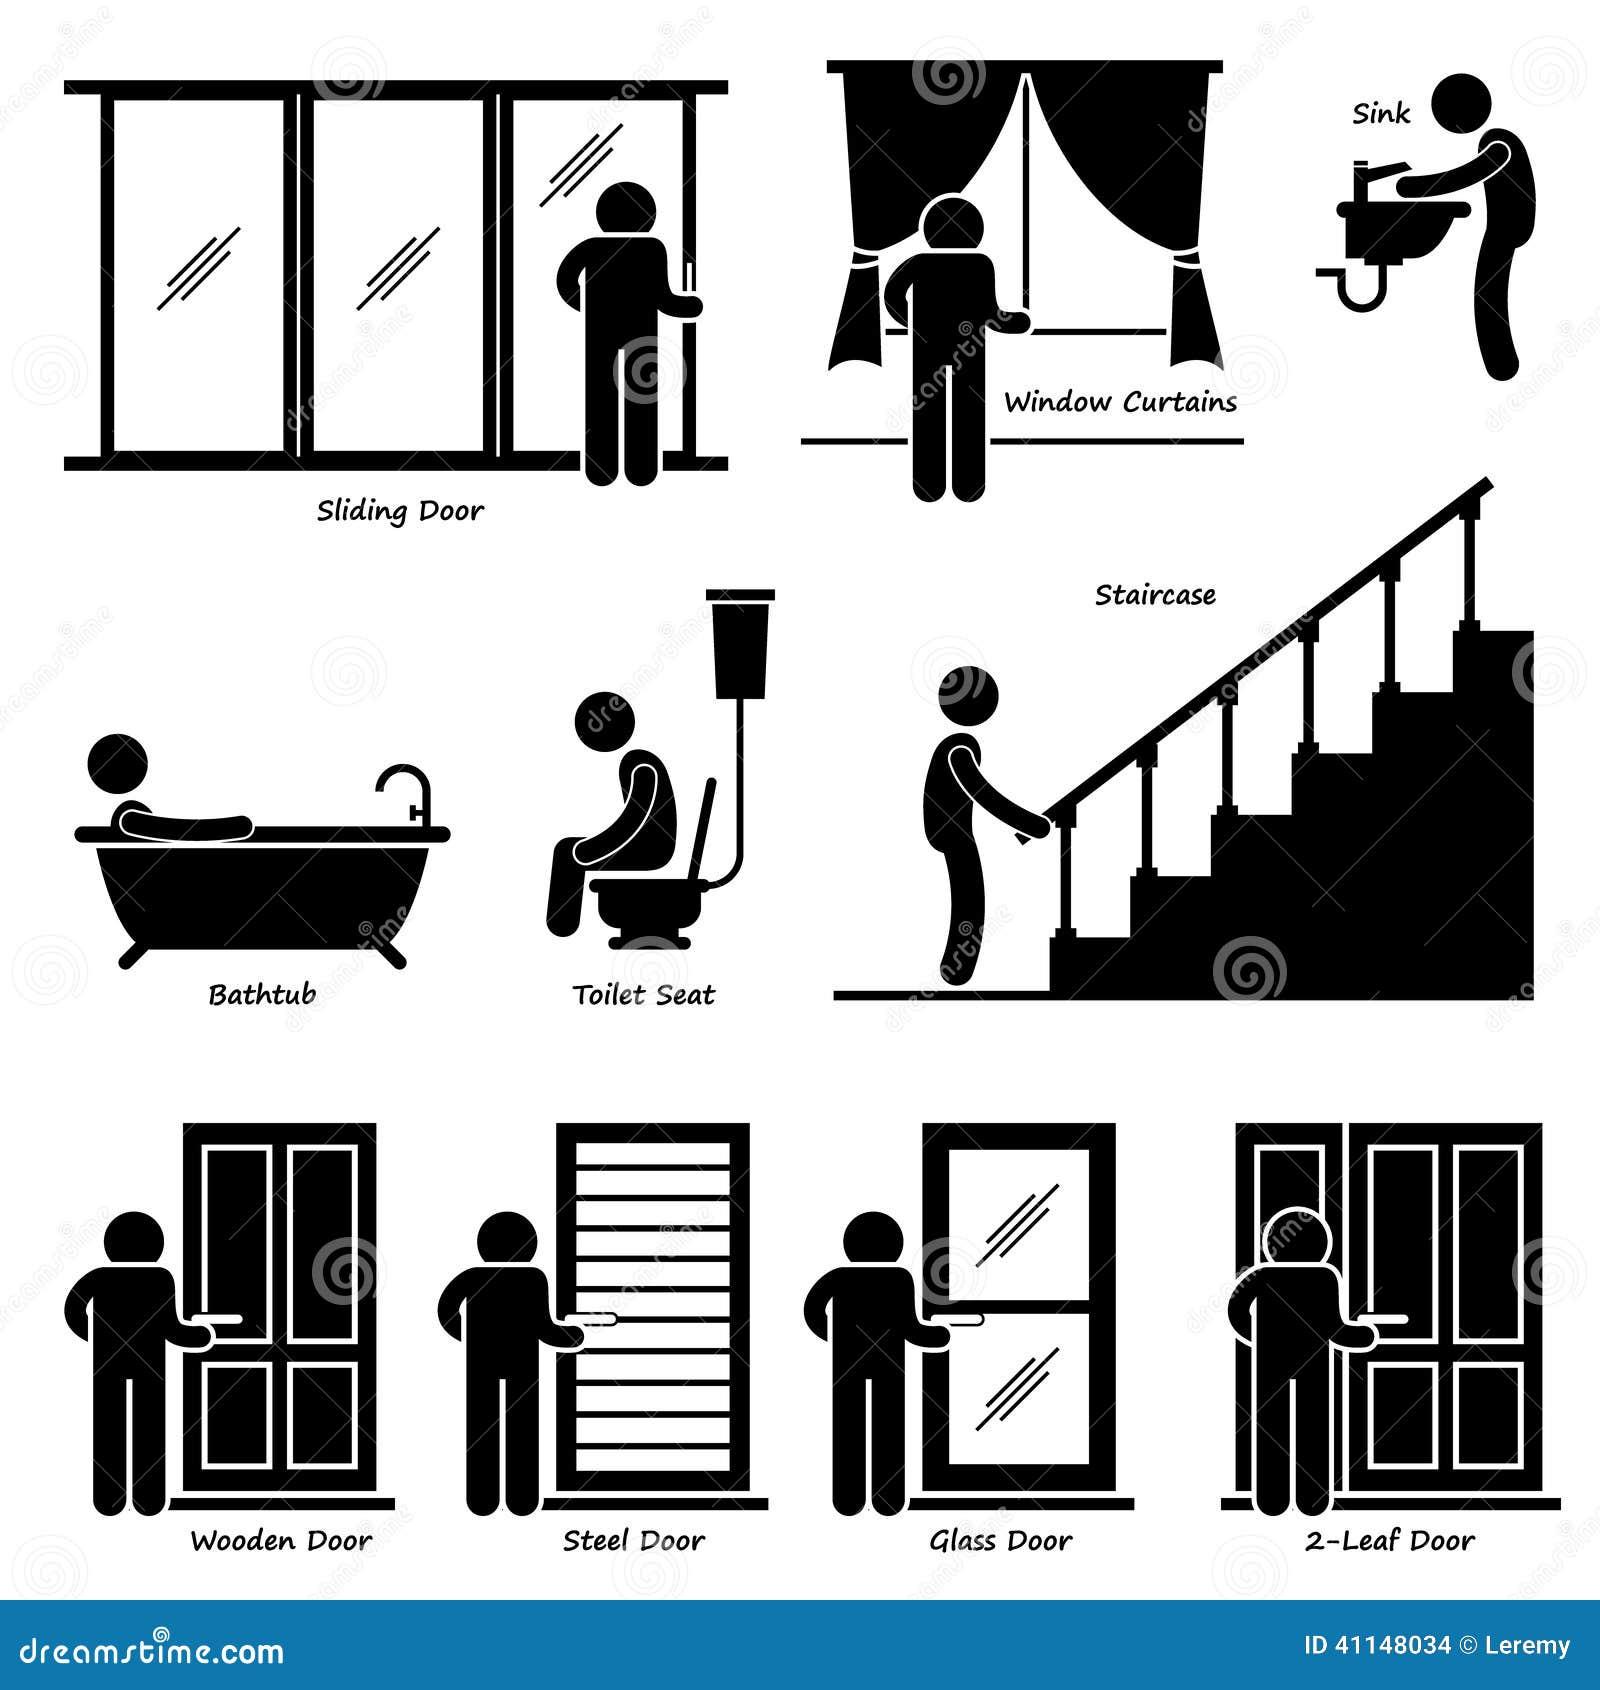 ... bathtub, toilet seat, staircases, wooden door, steel door, glass door